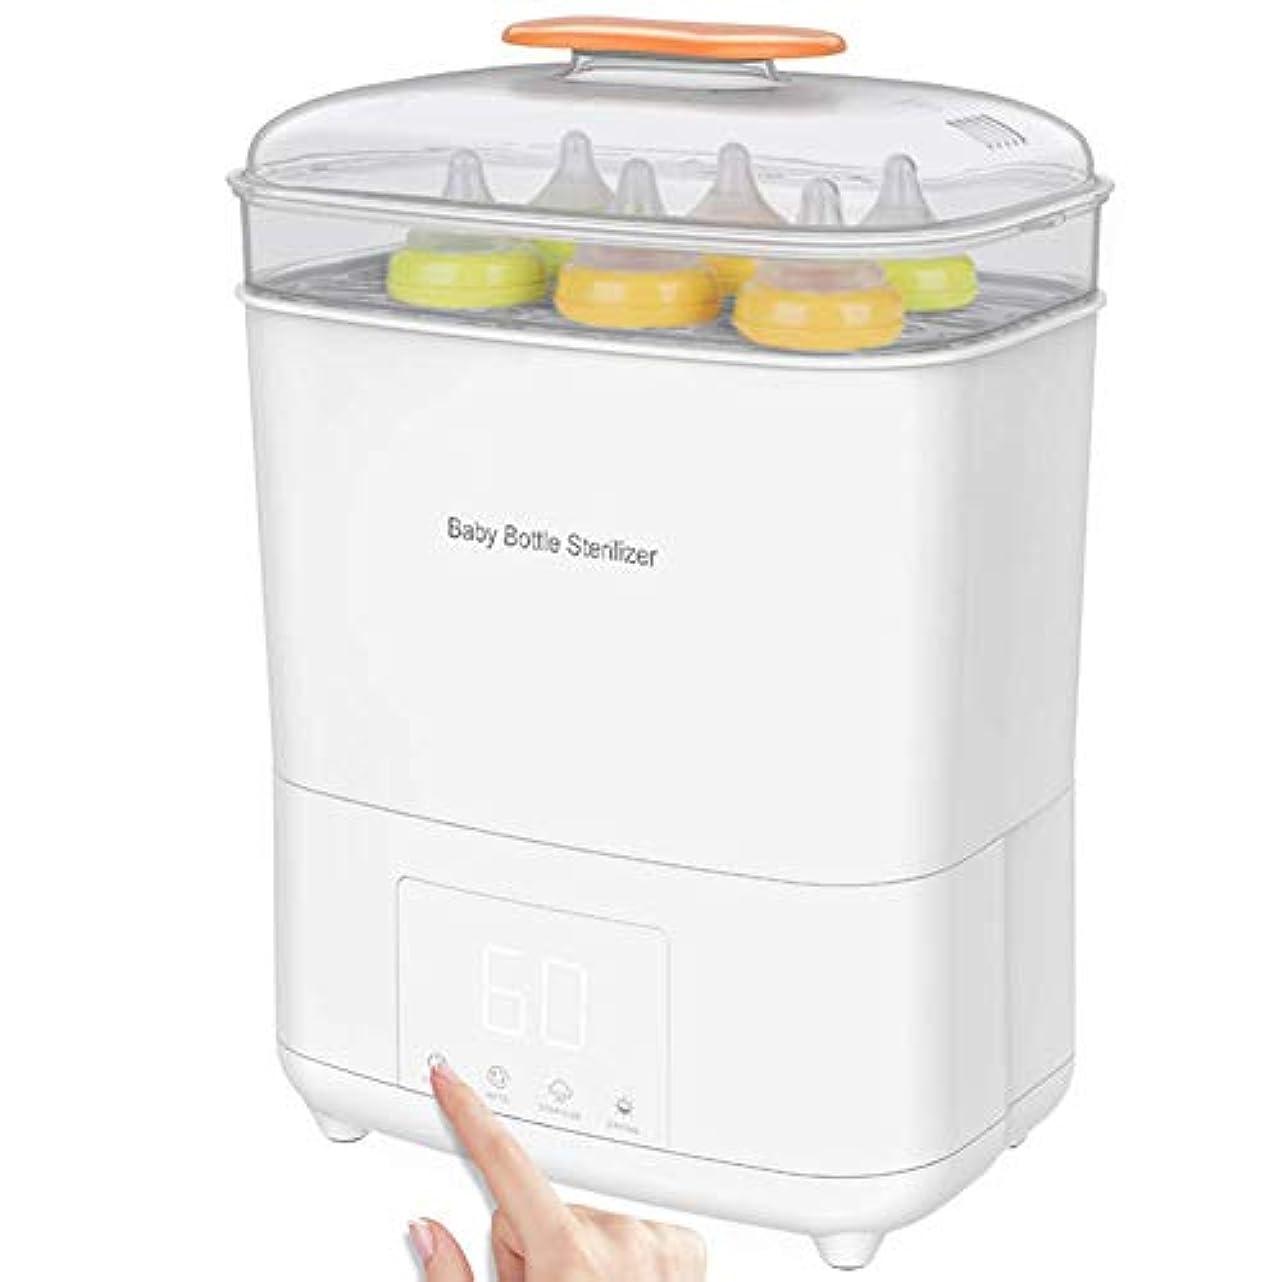 熱望するソロアベニュー哺乳瓶の電気蒸気滅菌器とLEDパネルのタッチスクリーン付き乾燥機、乾燥時間制御と唯一の乾燥機能、ボトルと搾乳器の部品に適合